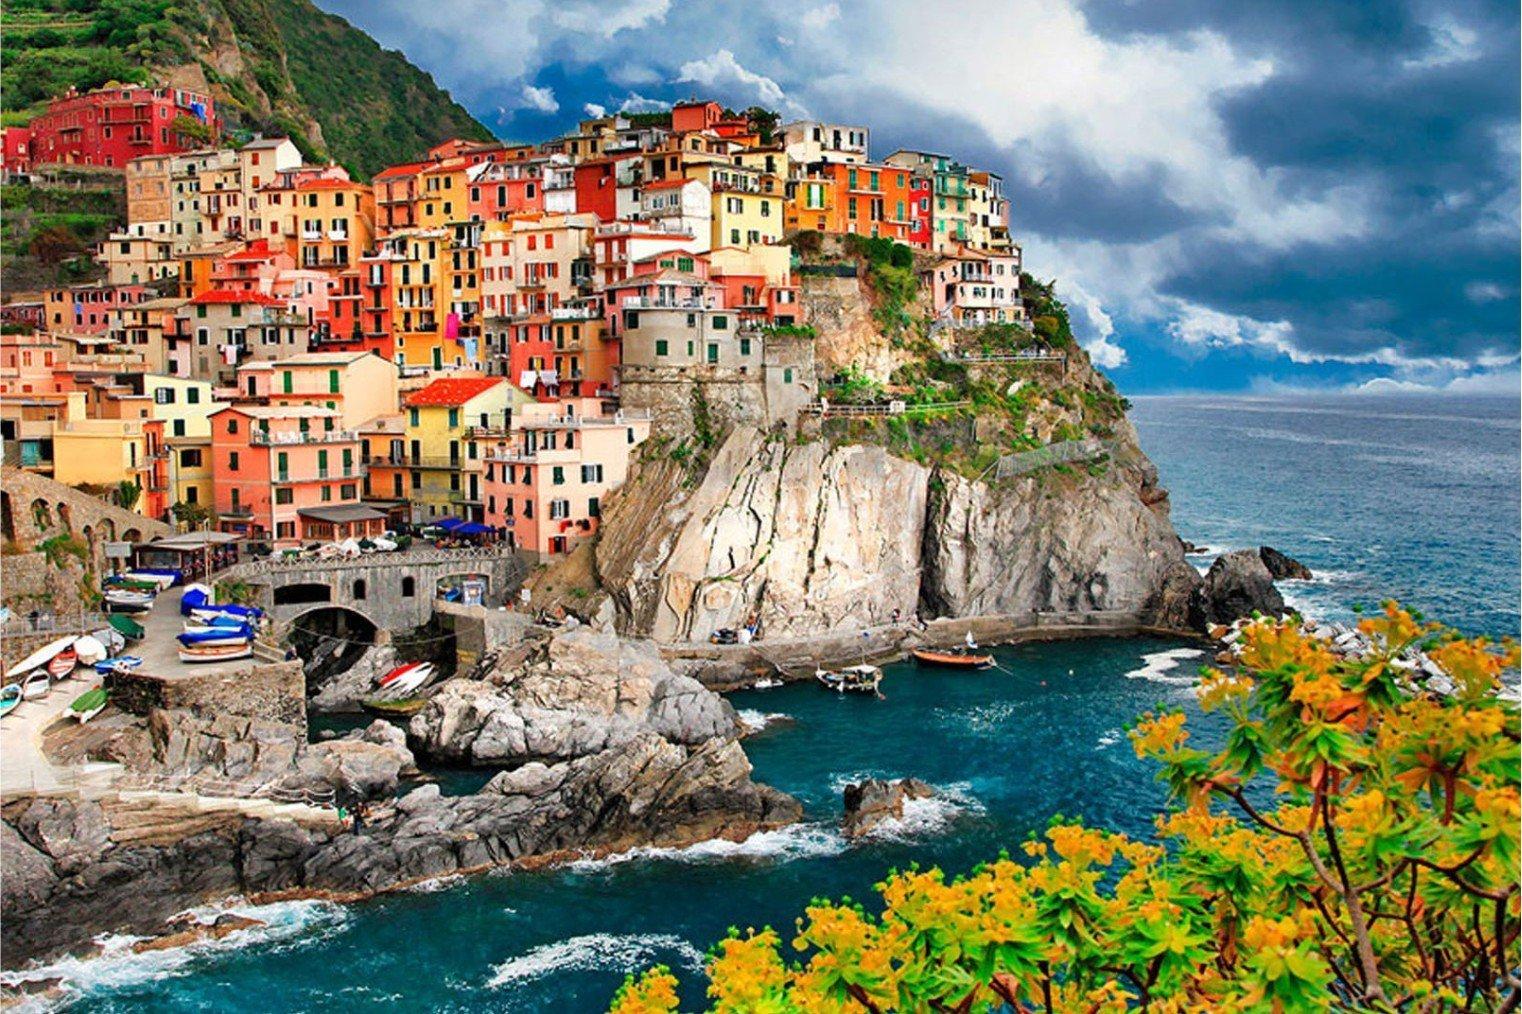 Риомаджоре, Италия. Туризм, информация. Riomaggiore, Italy